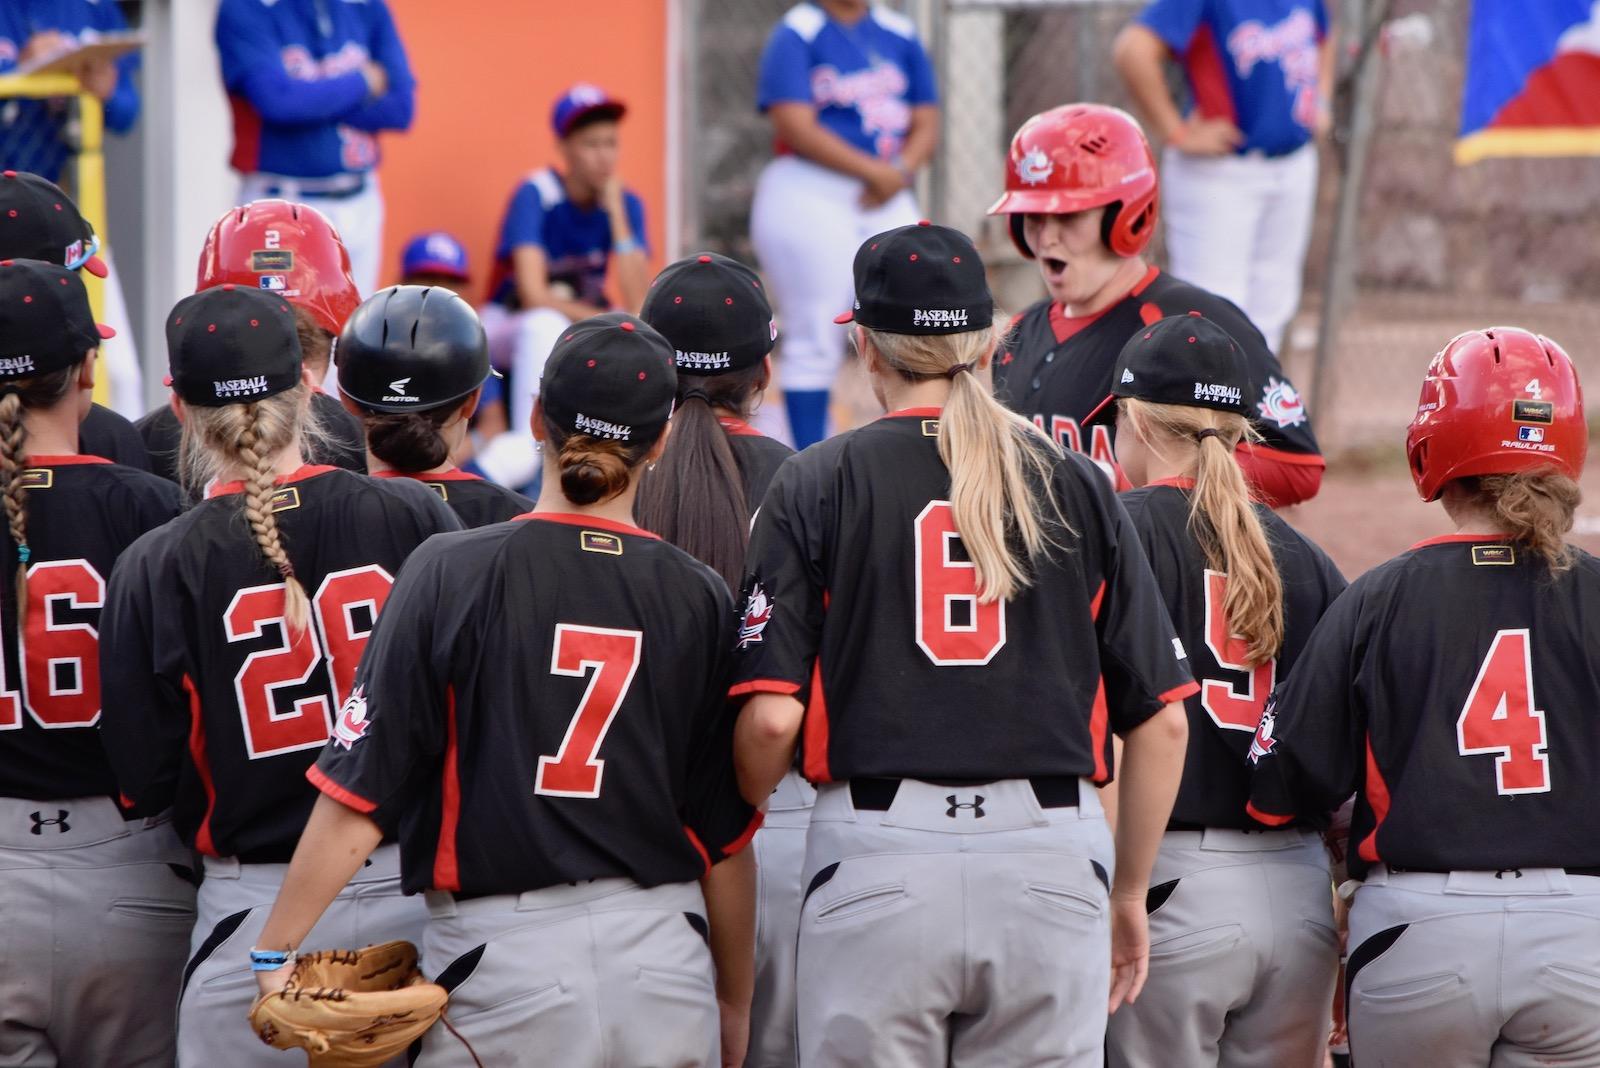 Équipe féminine : un duel serré à l'avantage du Canada